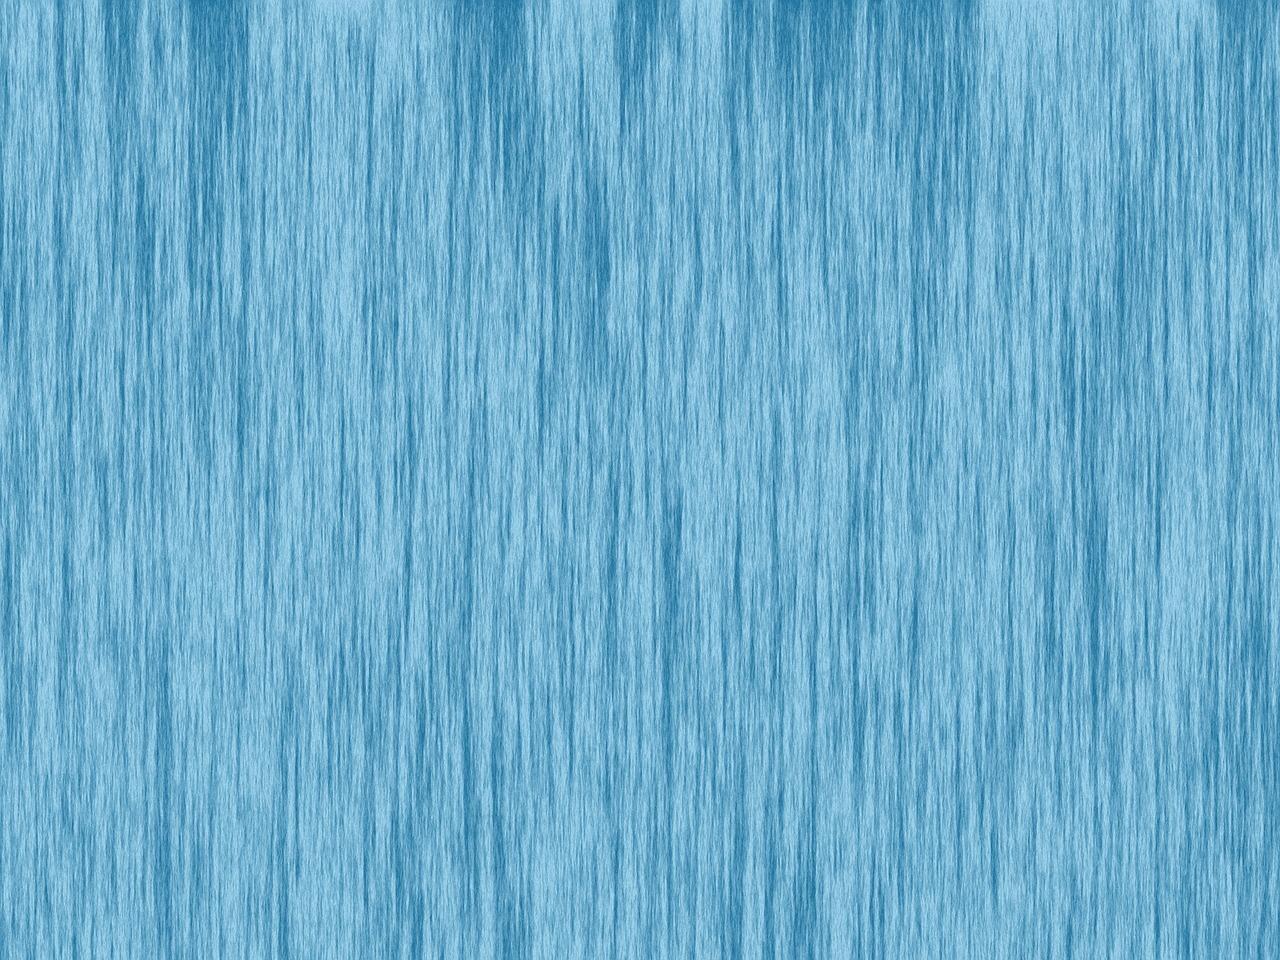 Texture 1261293 1280